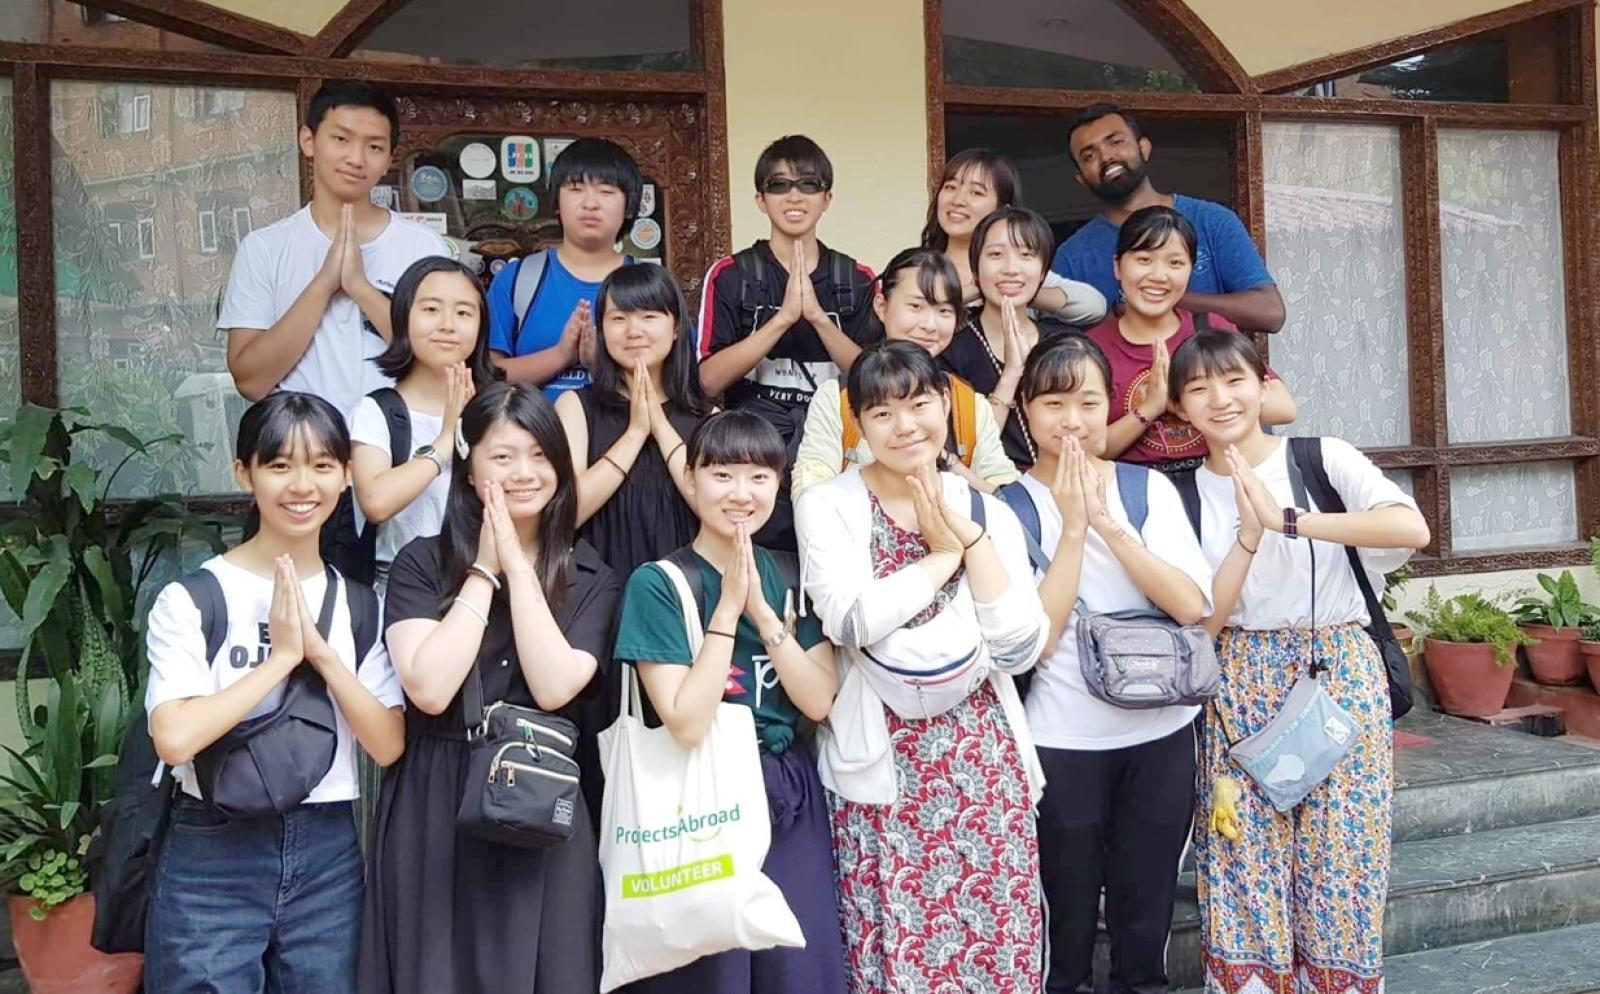 団体海外研修ボランティアに挑む日本人参加者たち